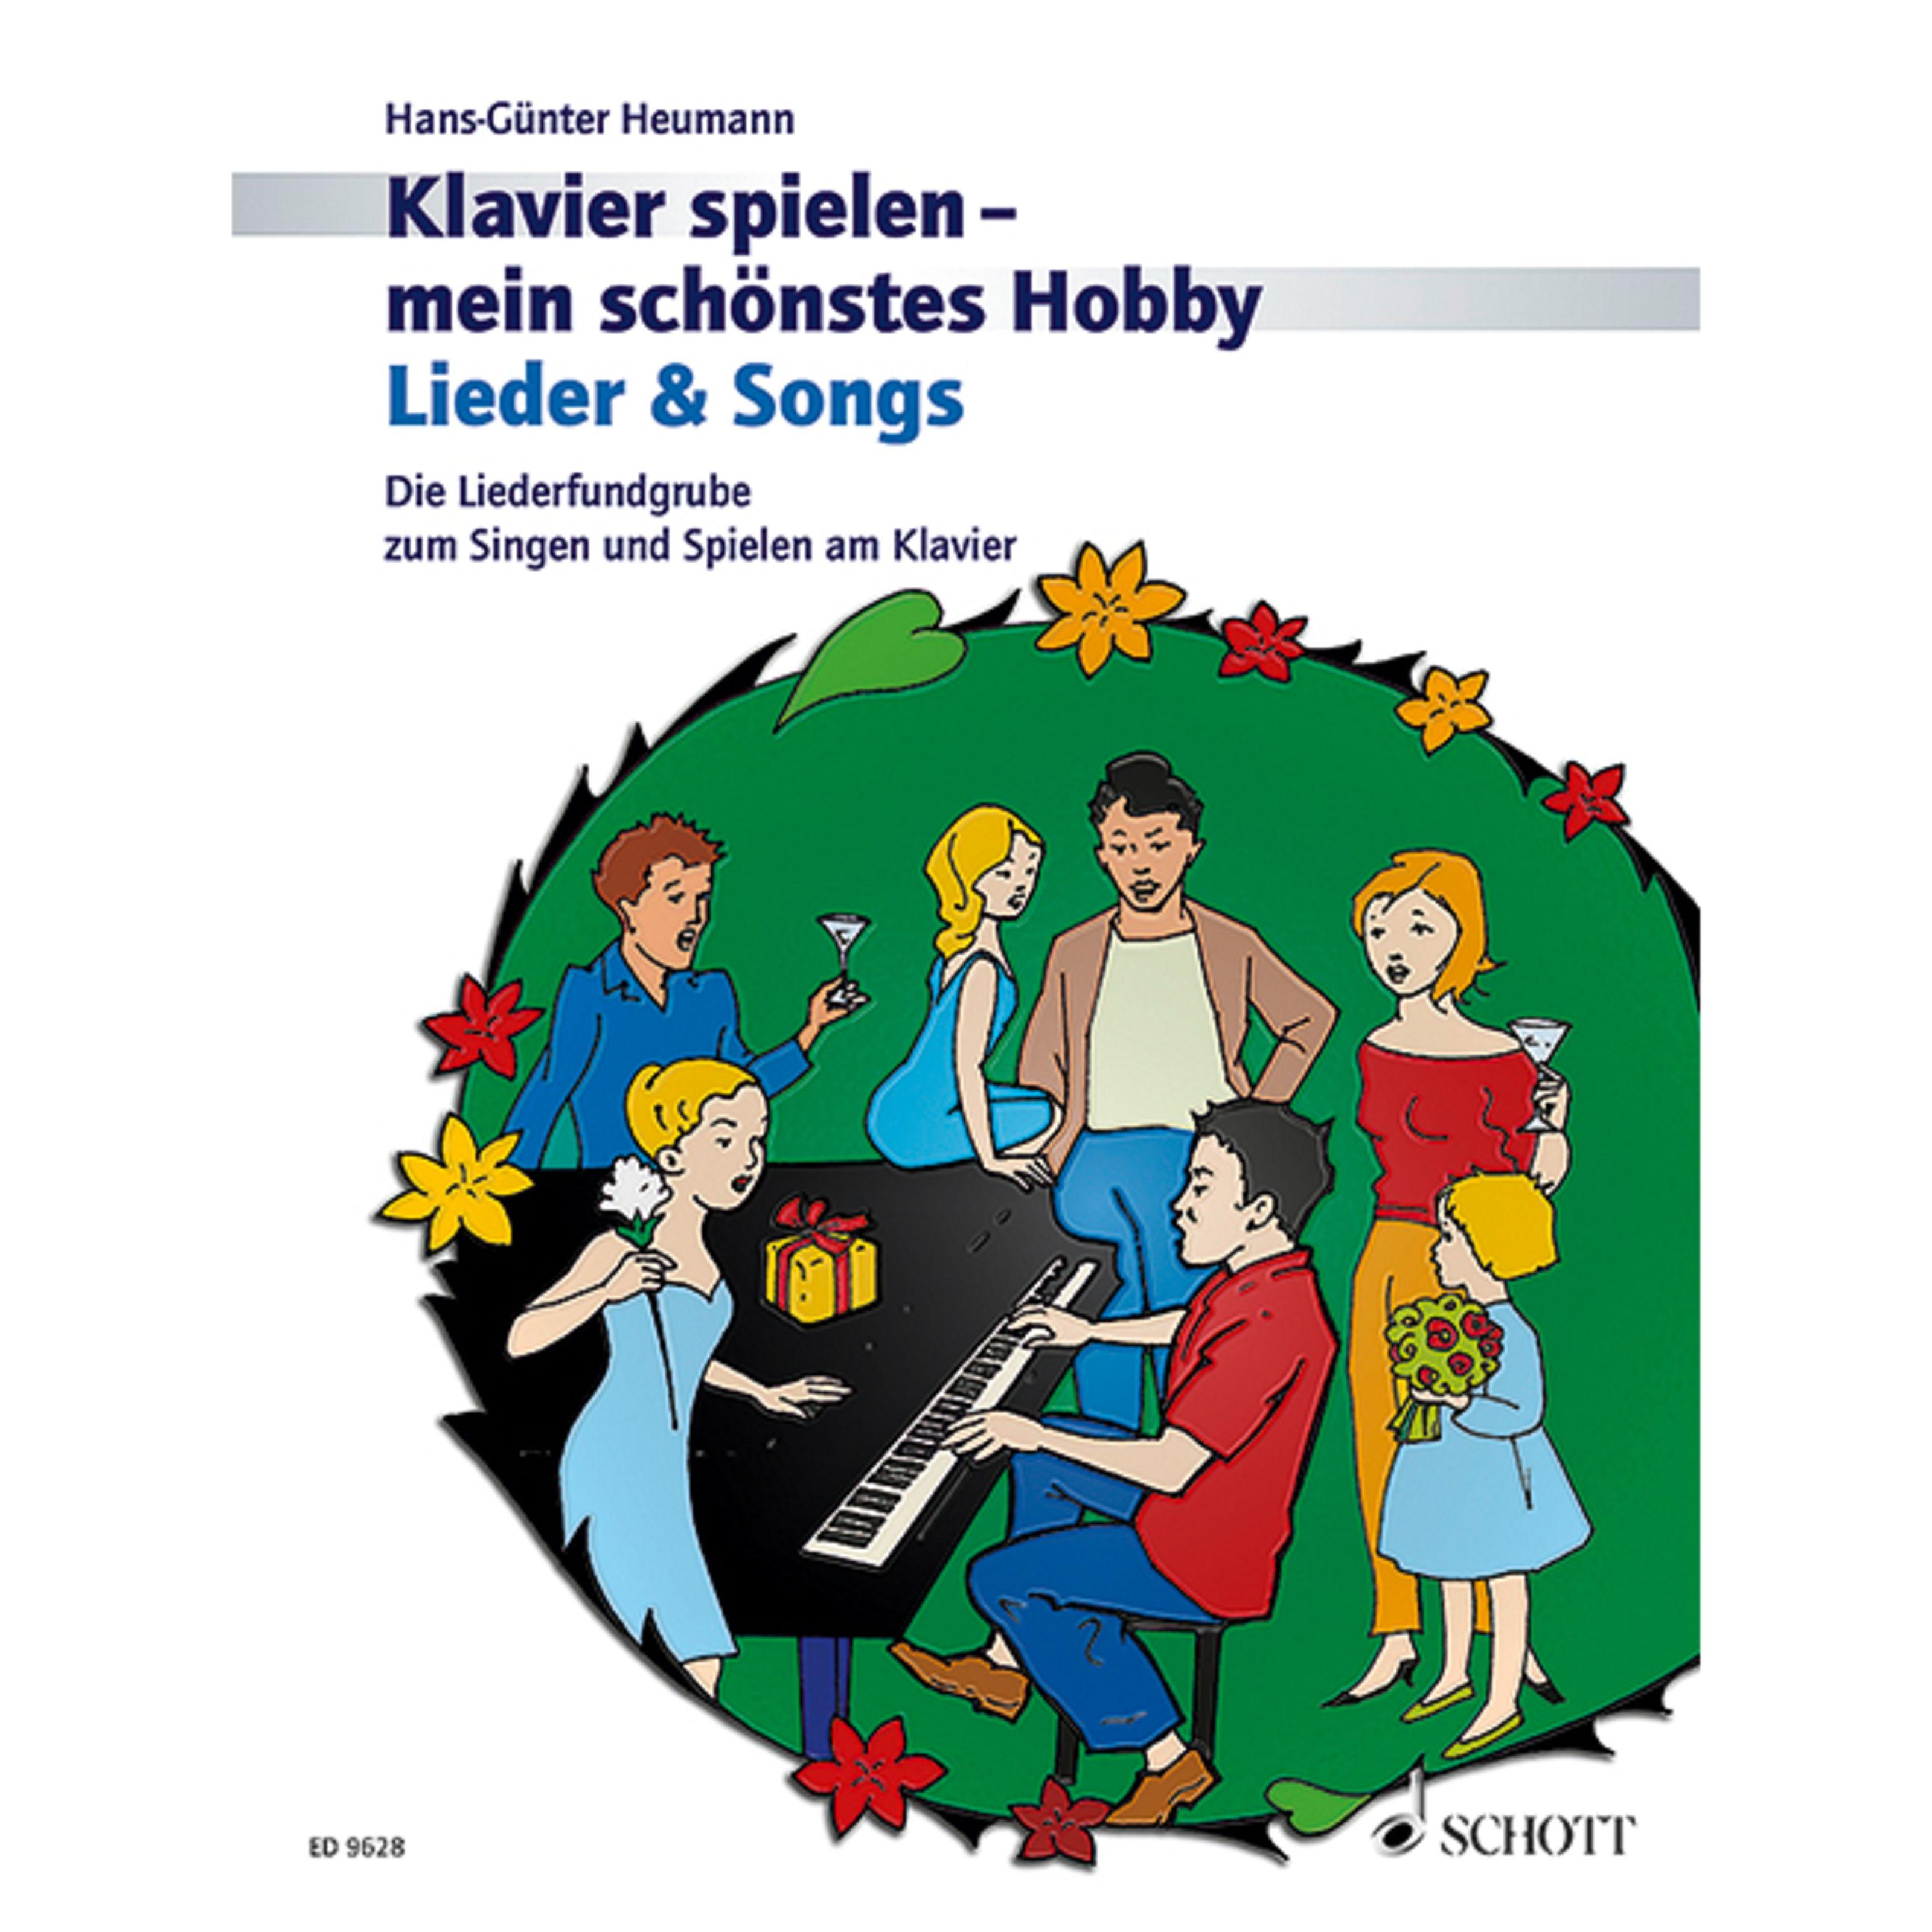 Schott Music - Lieder und Songs Heumann, Klavier mein Hobby ED 9628